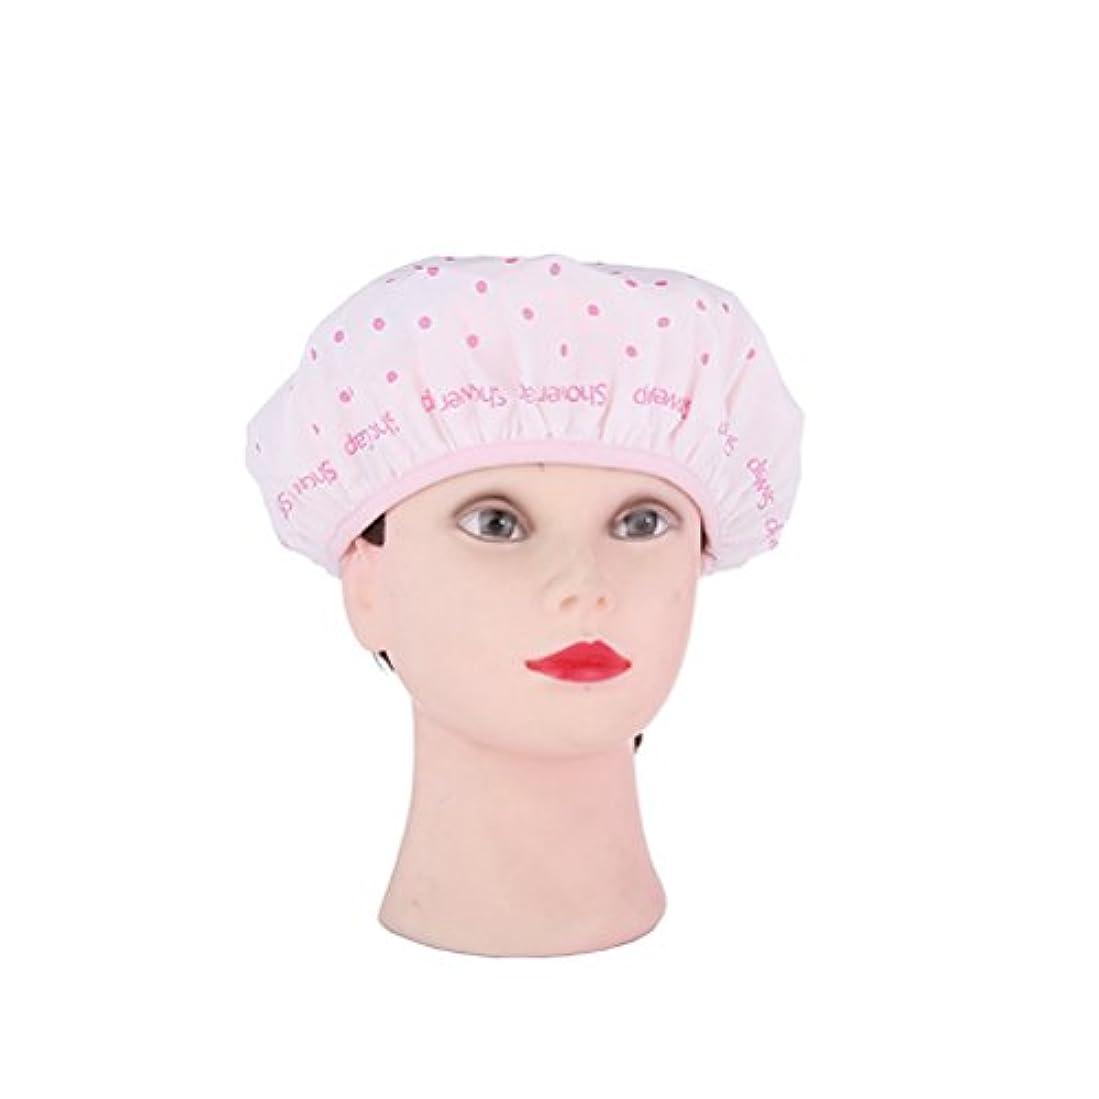 なんでも脅かす宿泊施設HEALLILY シャワーの帽子女性の子供のための防水シャワーの帽子のBathのシャワーの毛の帽子